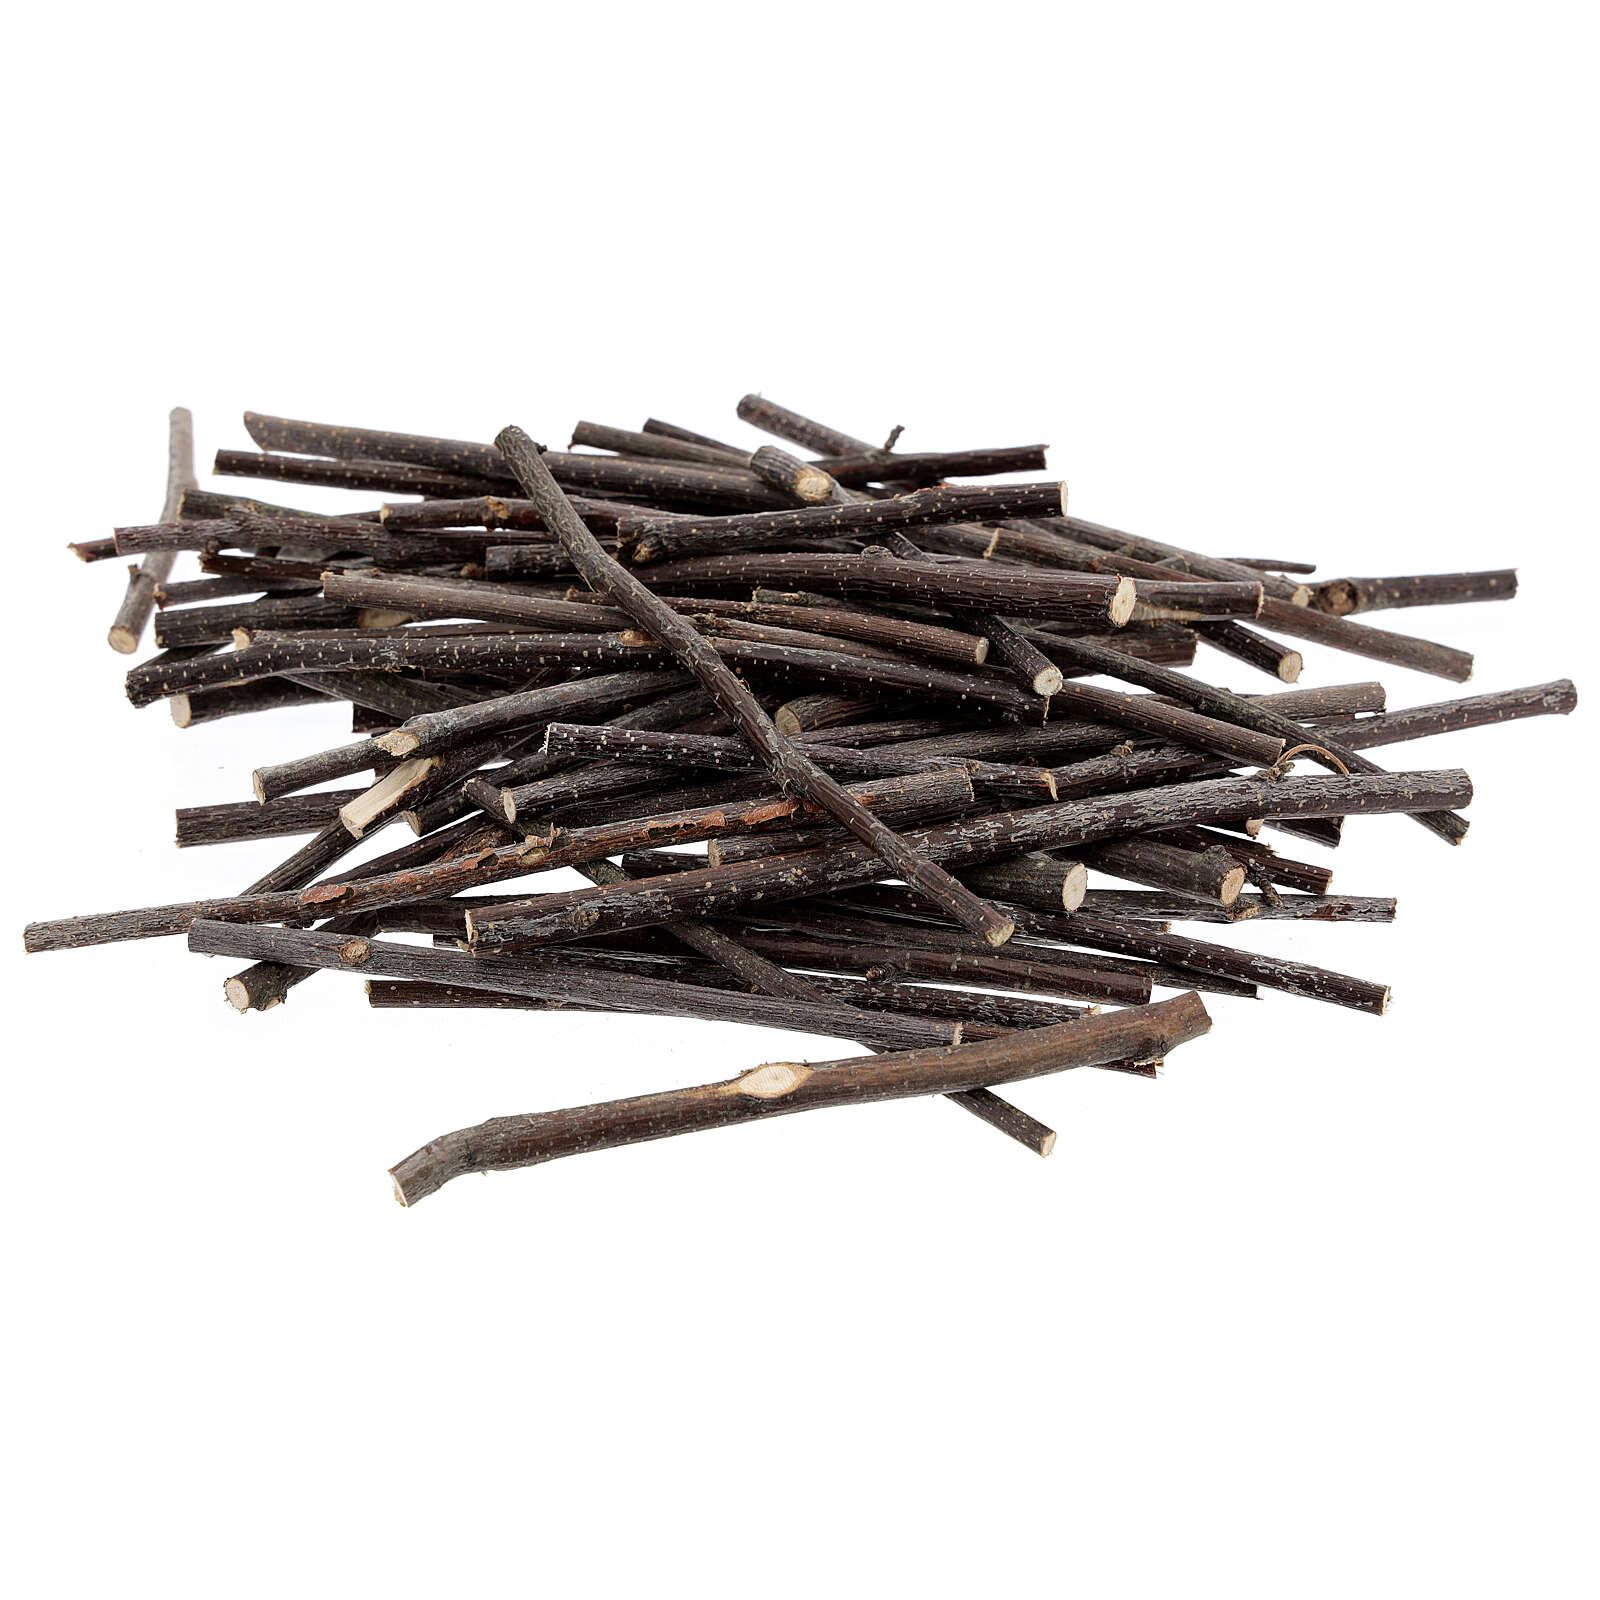 Ramos madeira diferentes tamanhos pacote 100 g bricolagem presépio 4